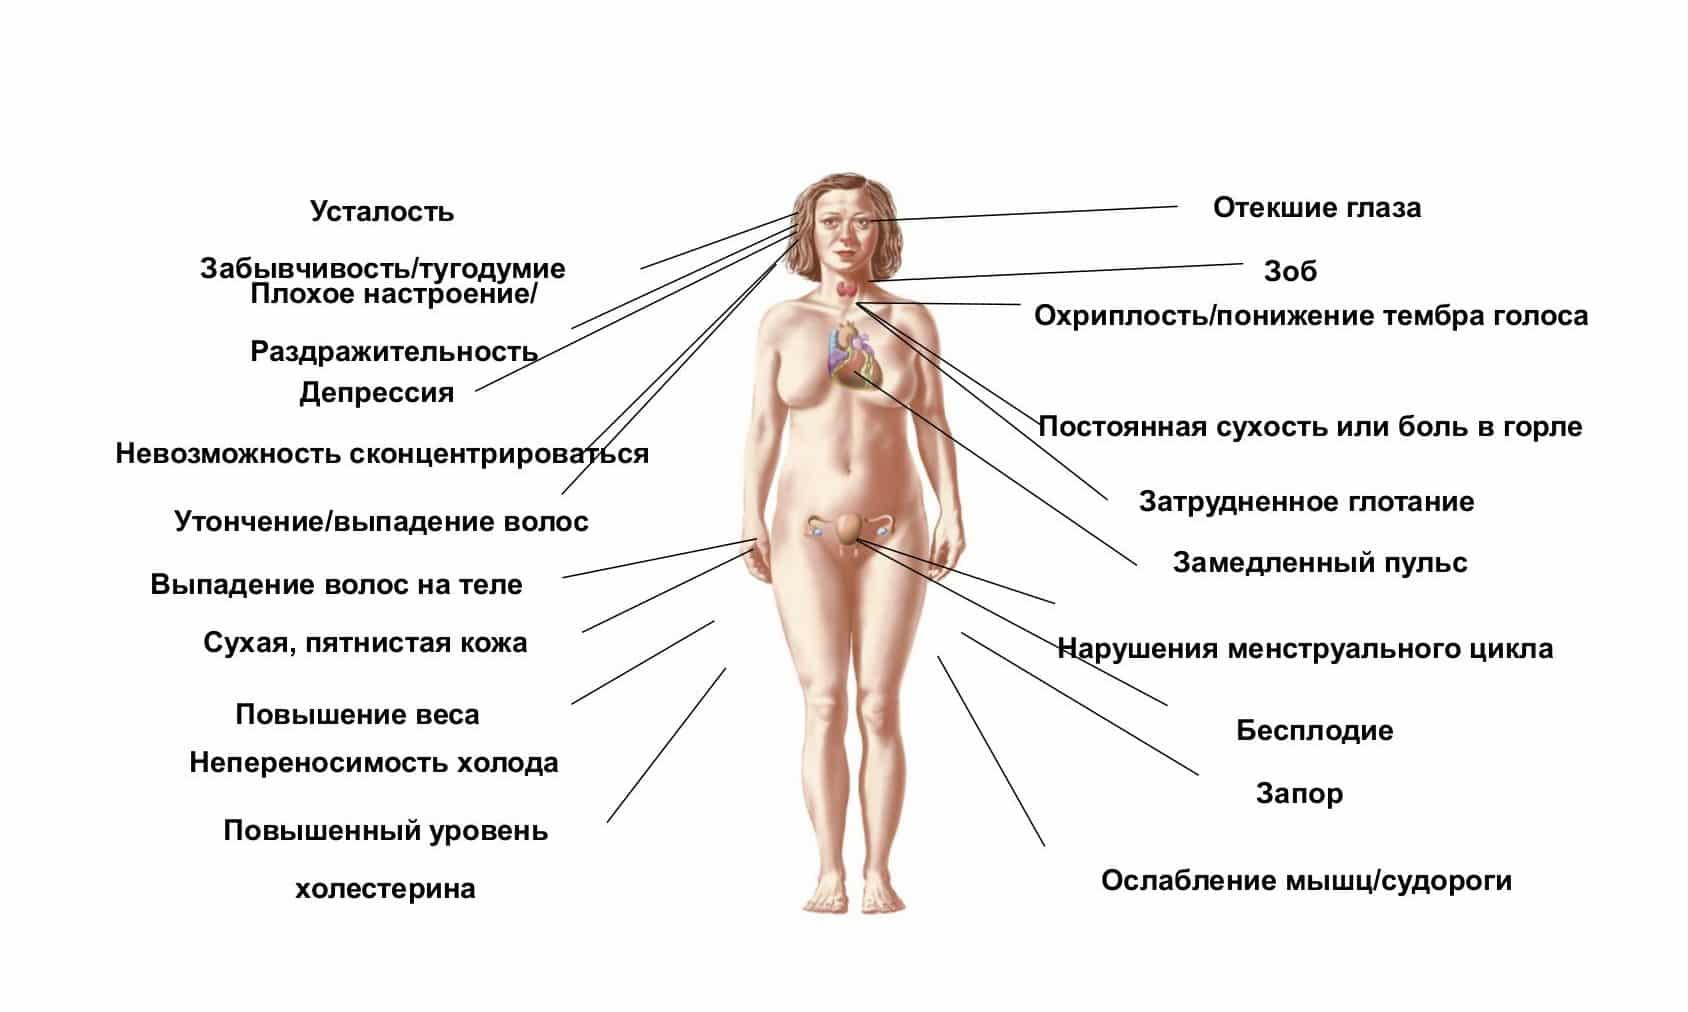 Гормональный дисбаланс - причины, признаки, лечение гормонального сбоя у женщин